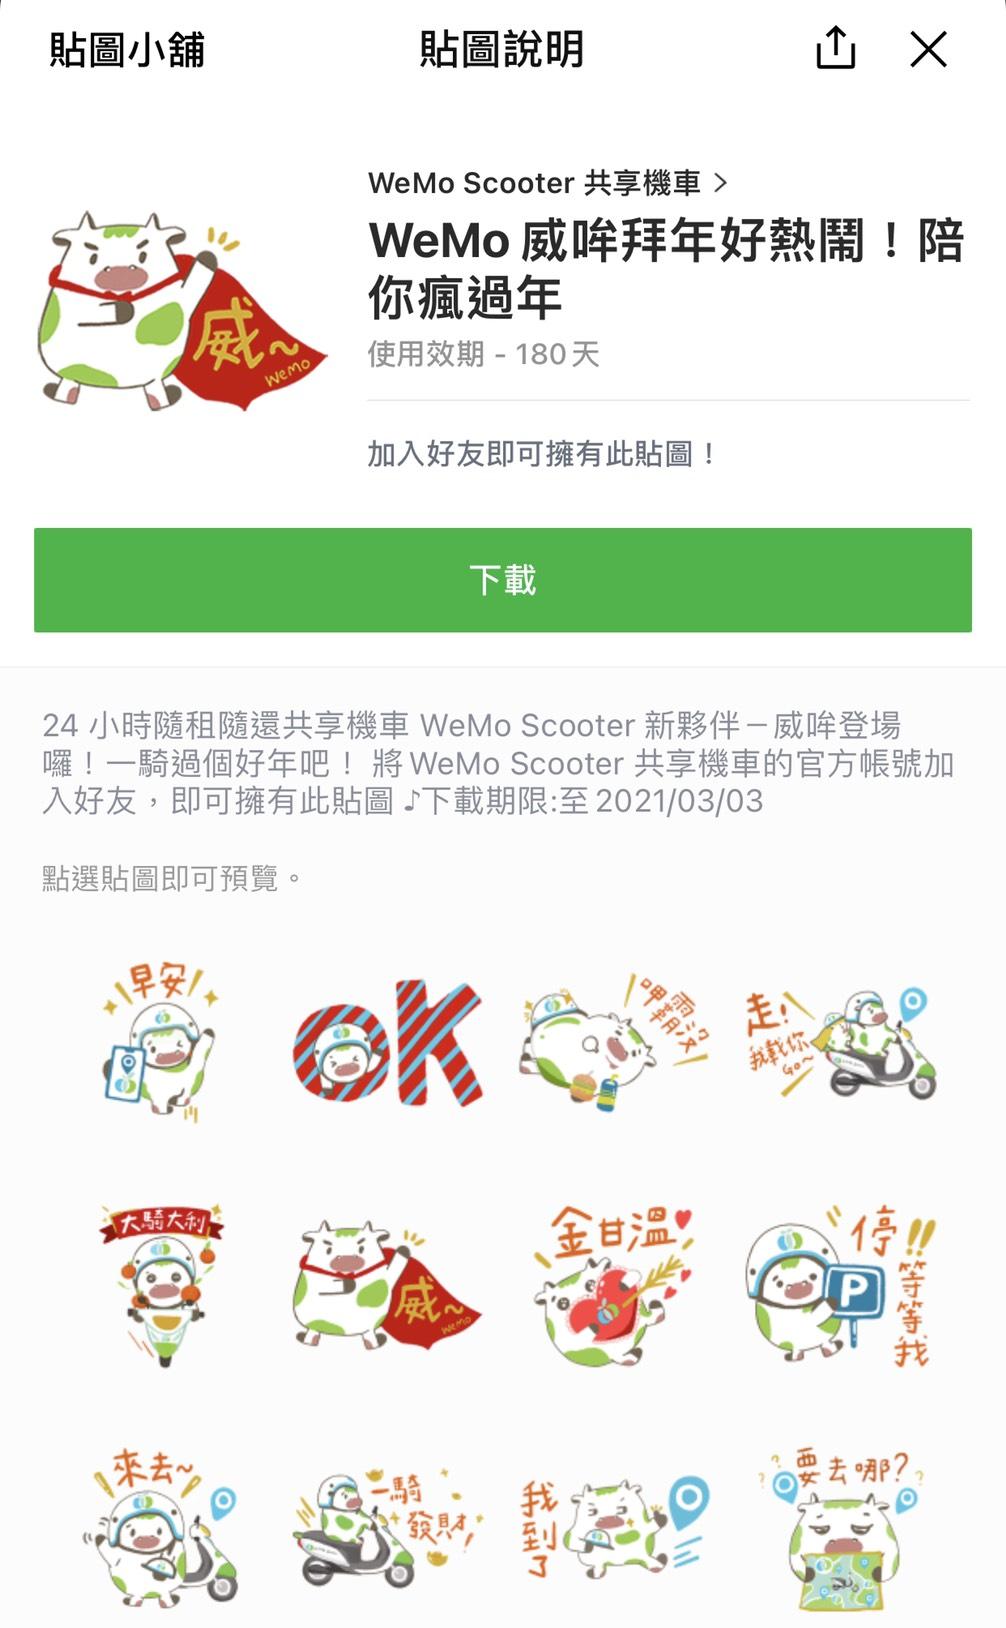 新聞照片2_WeMo Scooter 推威哞免費LINE貼圖 拜年好幫手.jpg